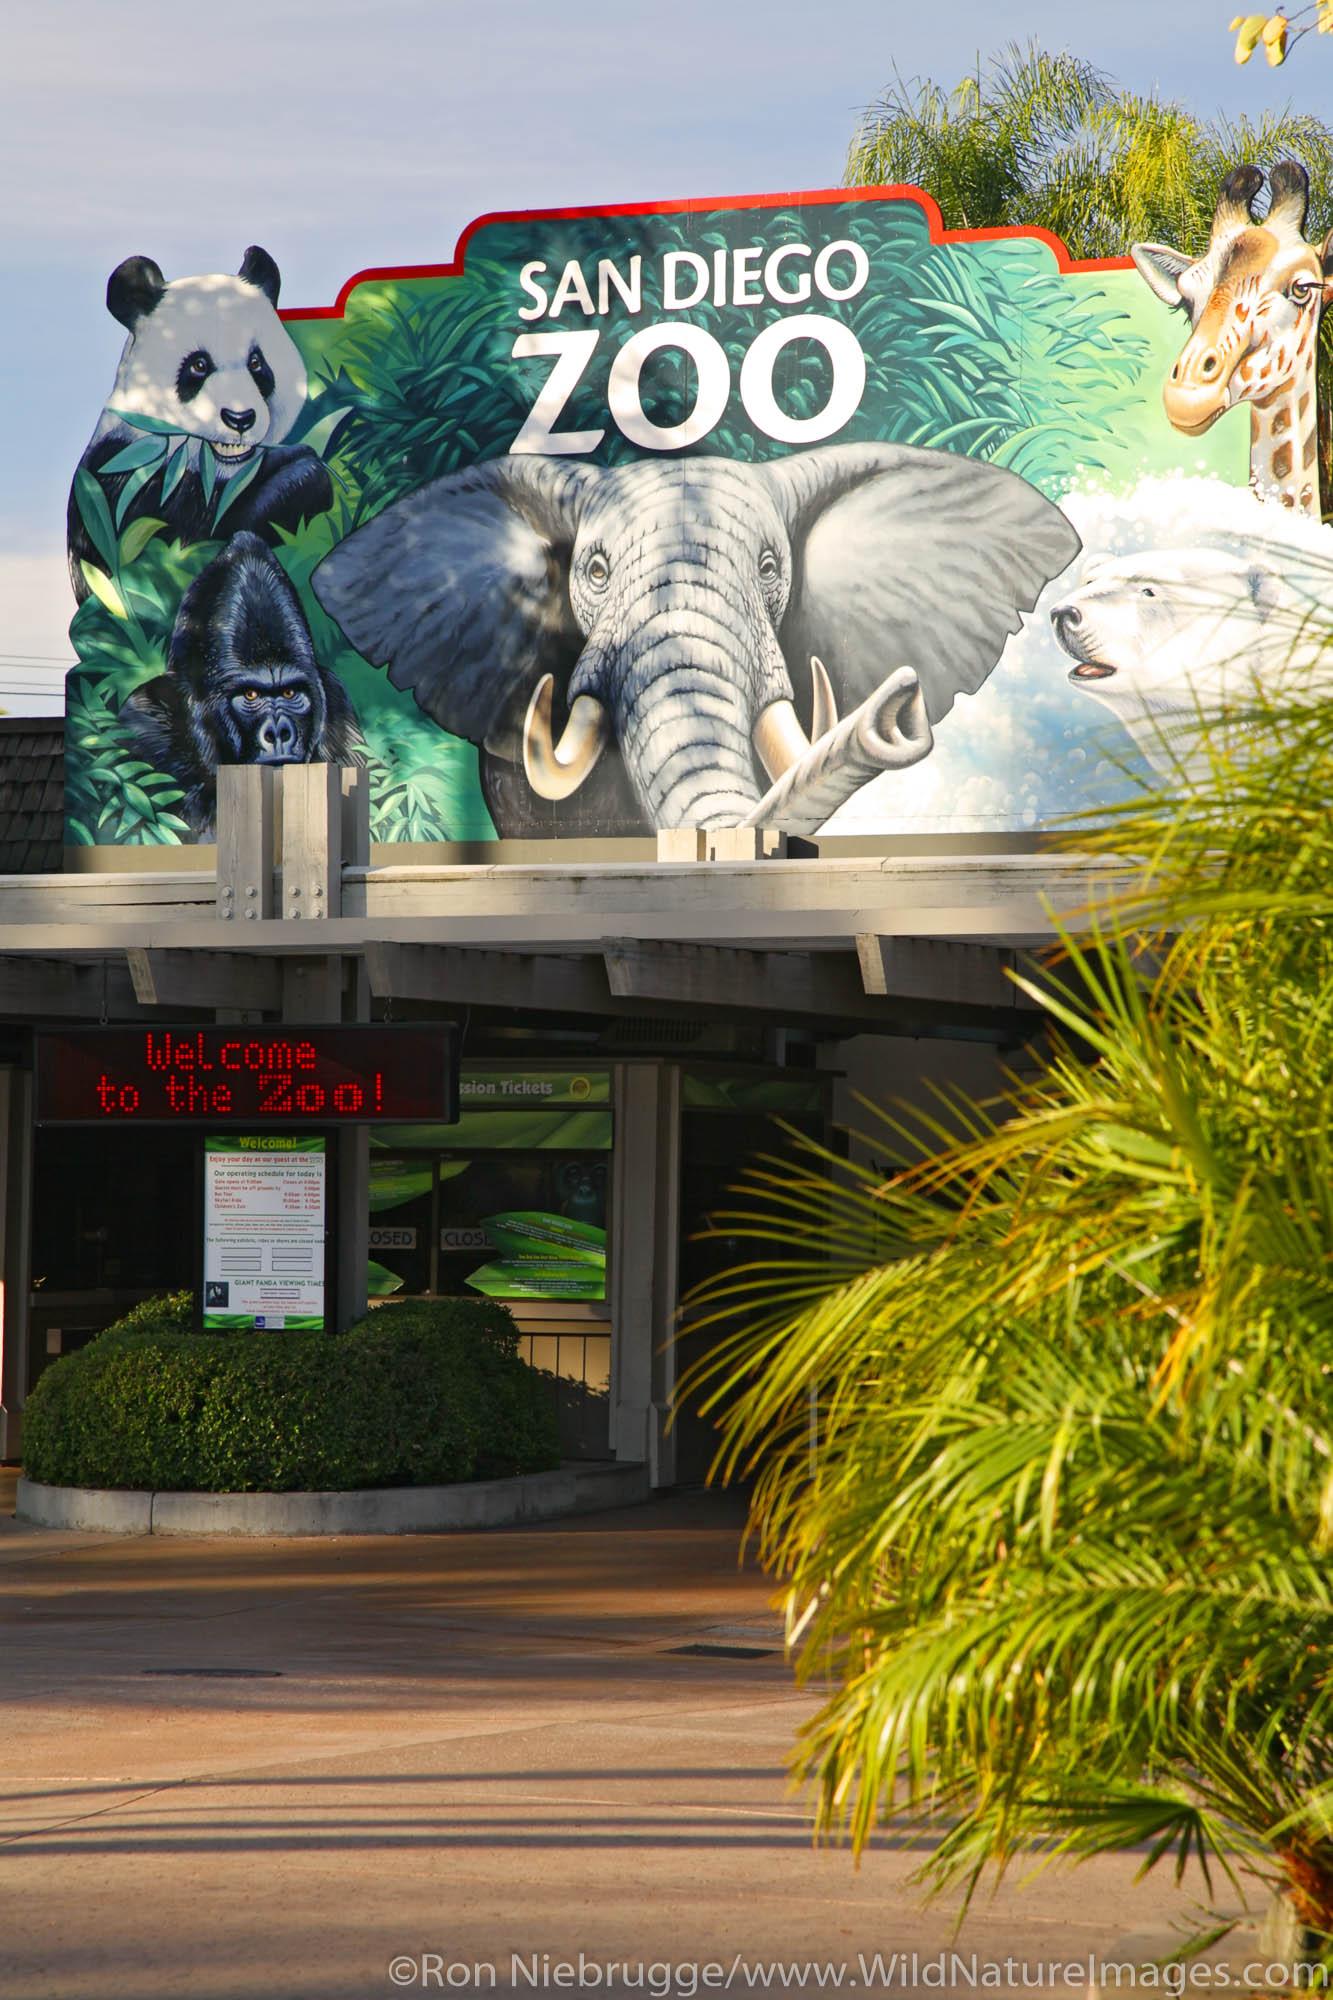 Entrance to the San Diego Zoo, Balboa Park, San Diego, California.